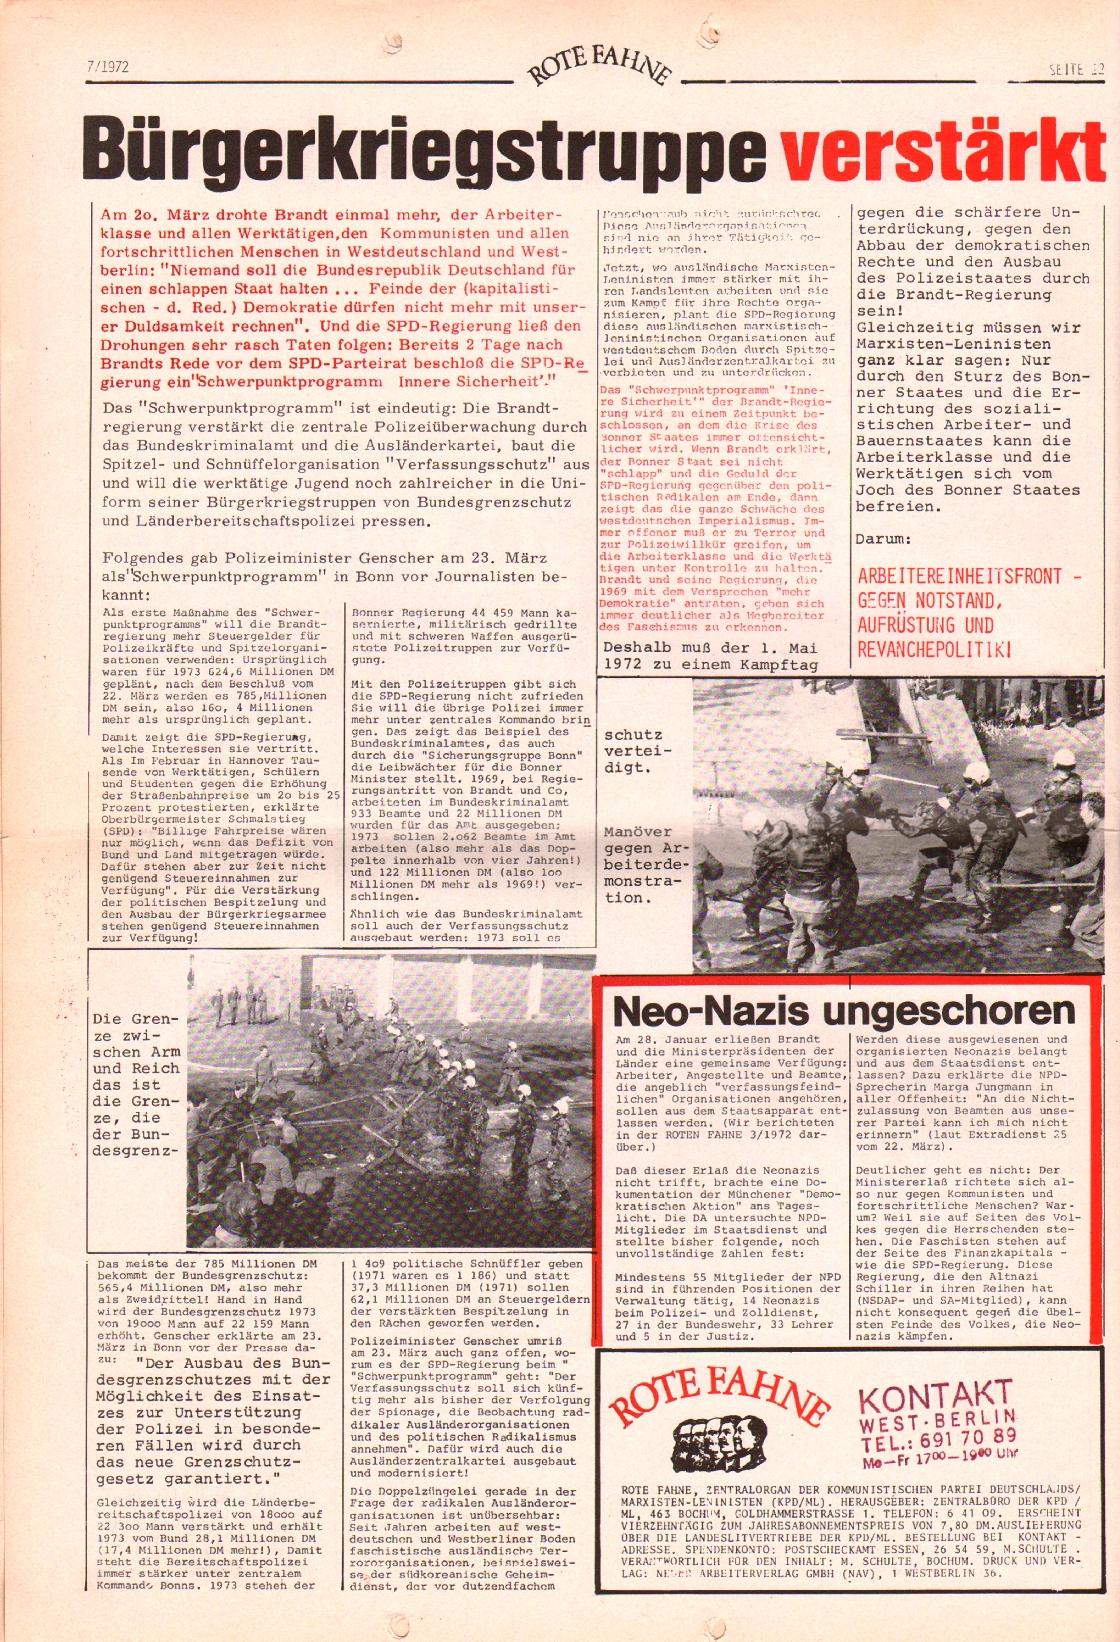 Rote Fahne, 3. Jg., 3.4.1972, Nr. 7, Seite 12